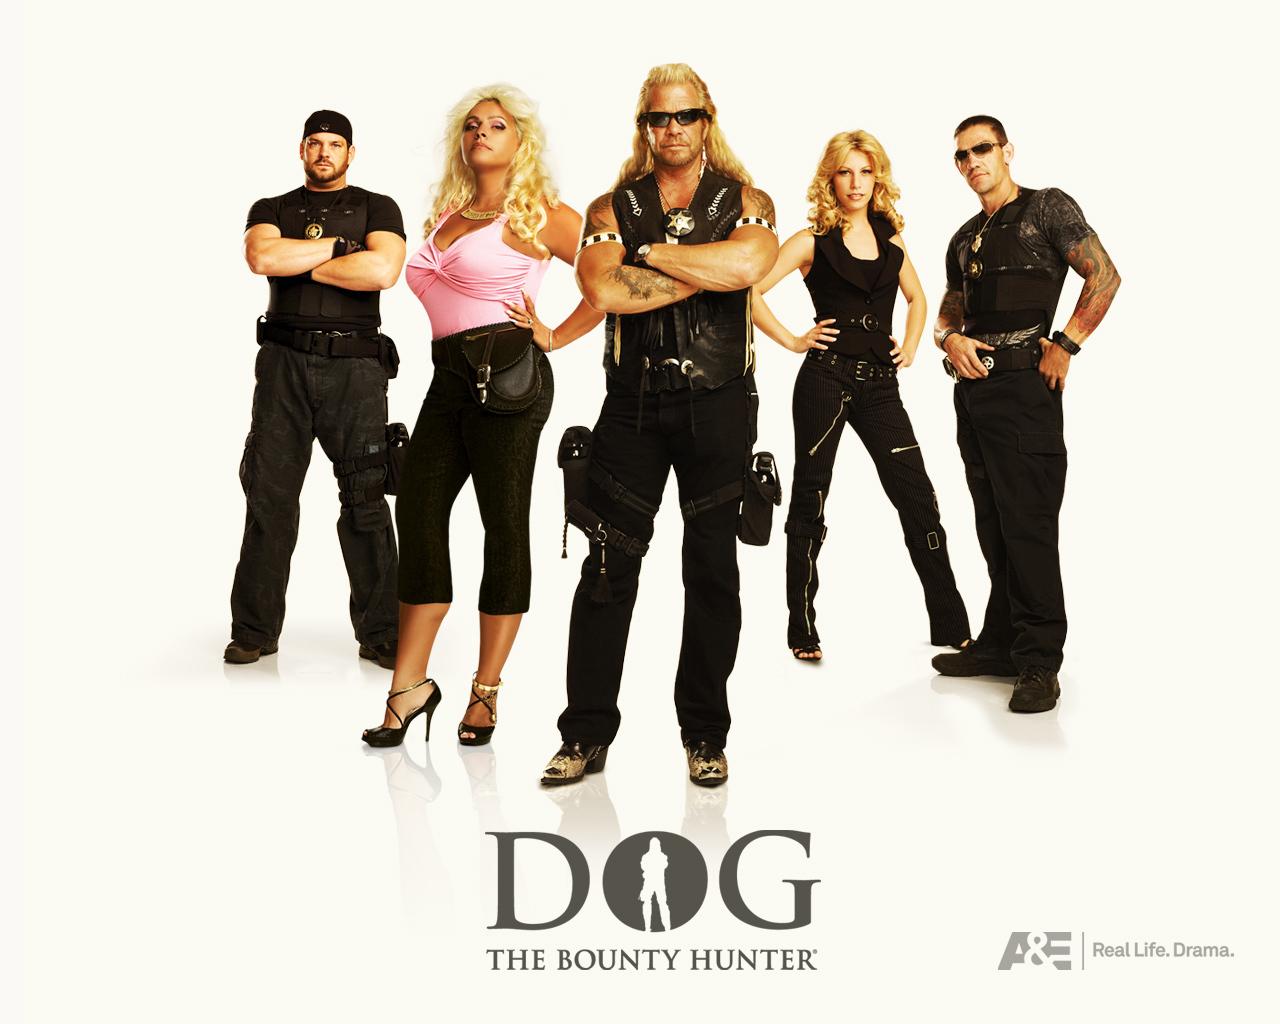 http://3.bp.blogspot.com/--y9b4xUH5eI/T7r47iClZaI/AAAAAAAAE1A/1DfNLYlvfL8/s1600/dog-the-bounty-hunter.jpg